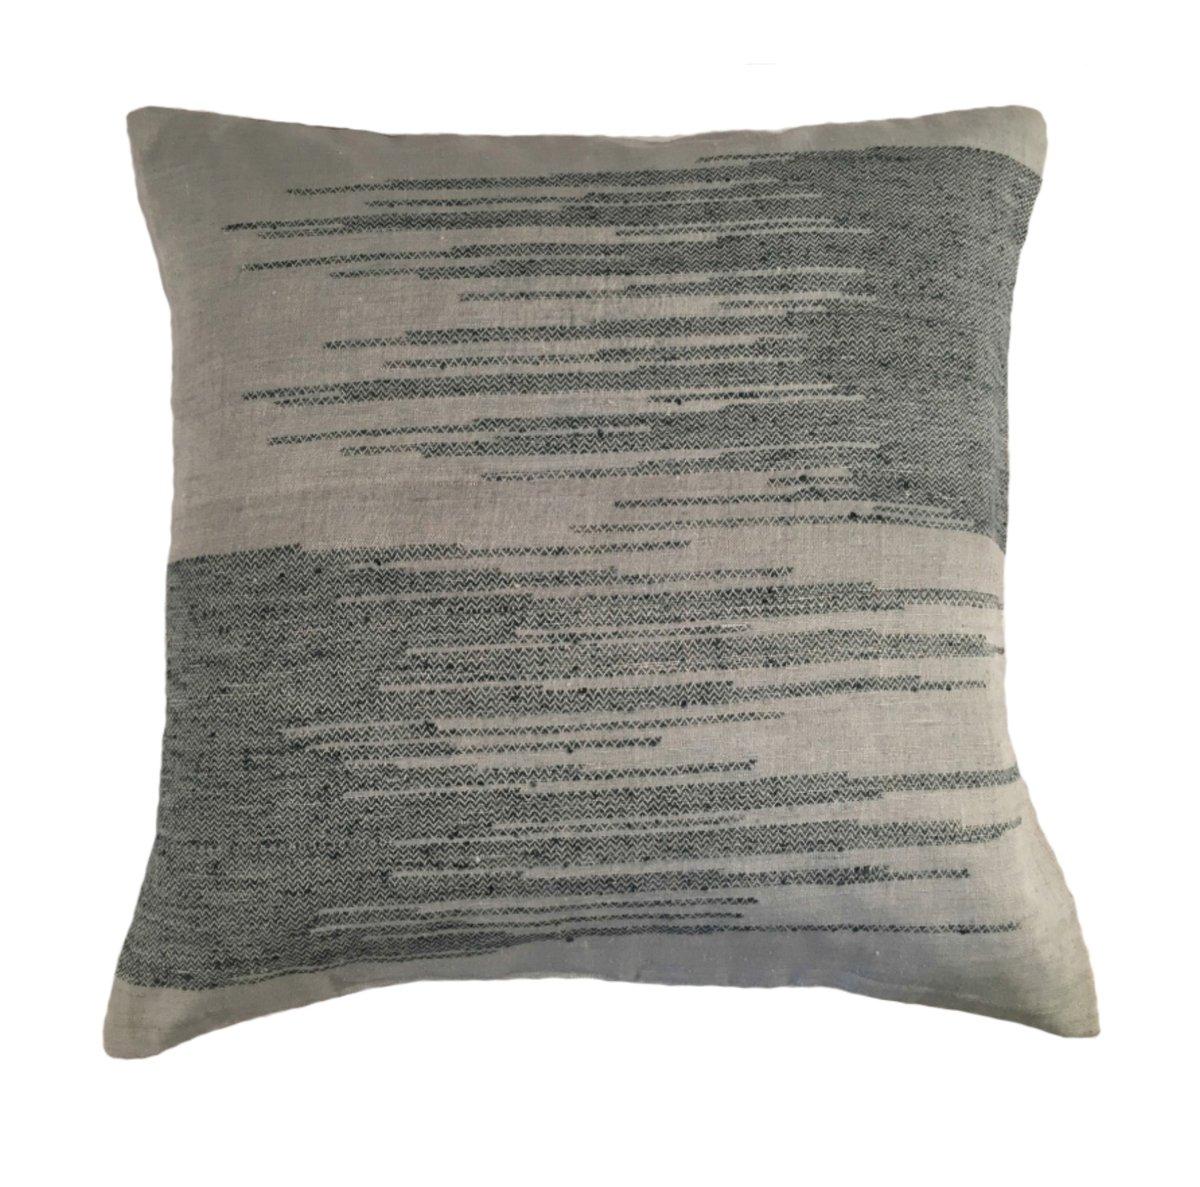 Aranyani Cushion